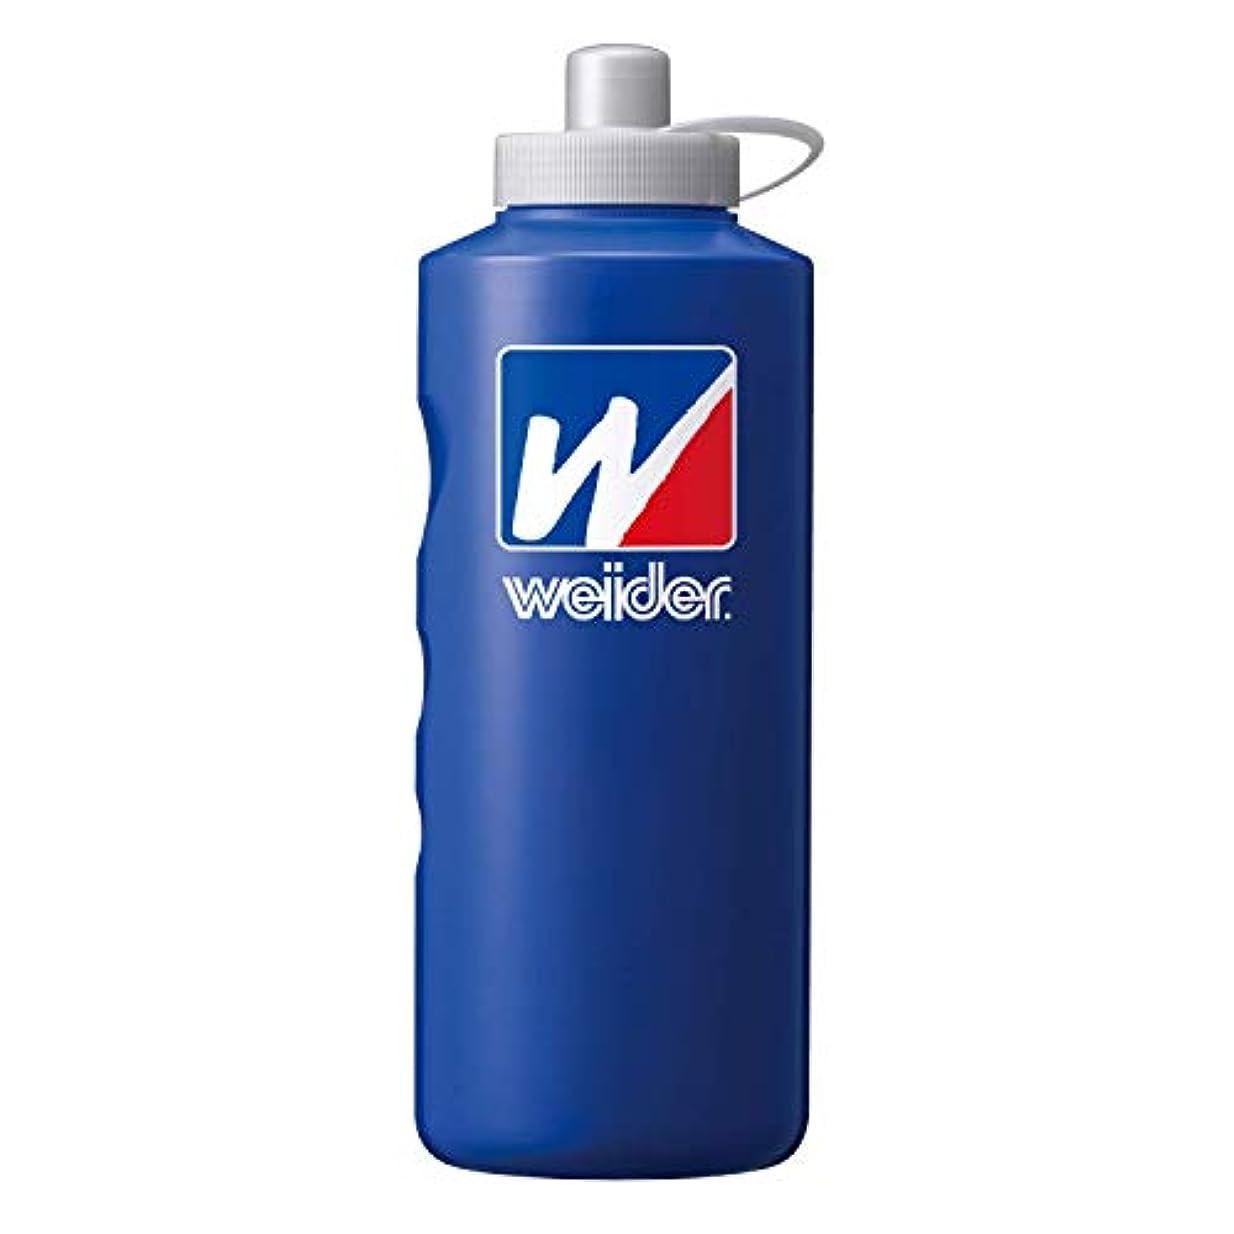 目的ブランク服を洗うウイダー スクイズボトル 1L